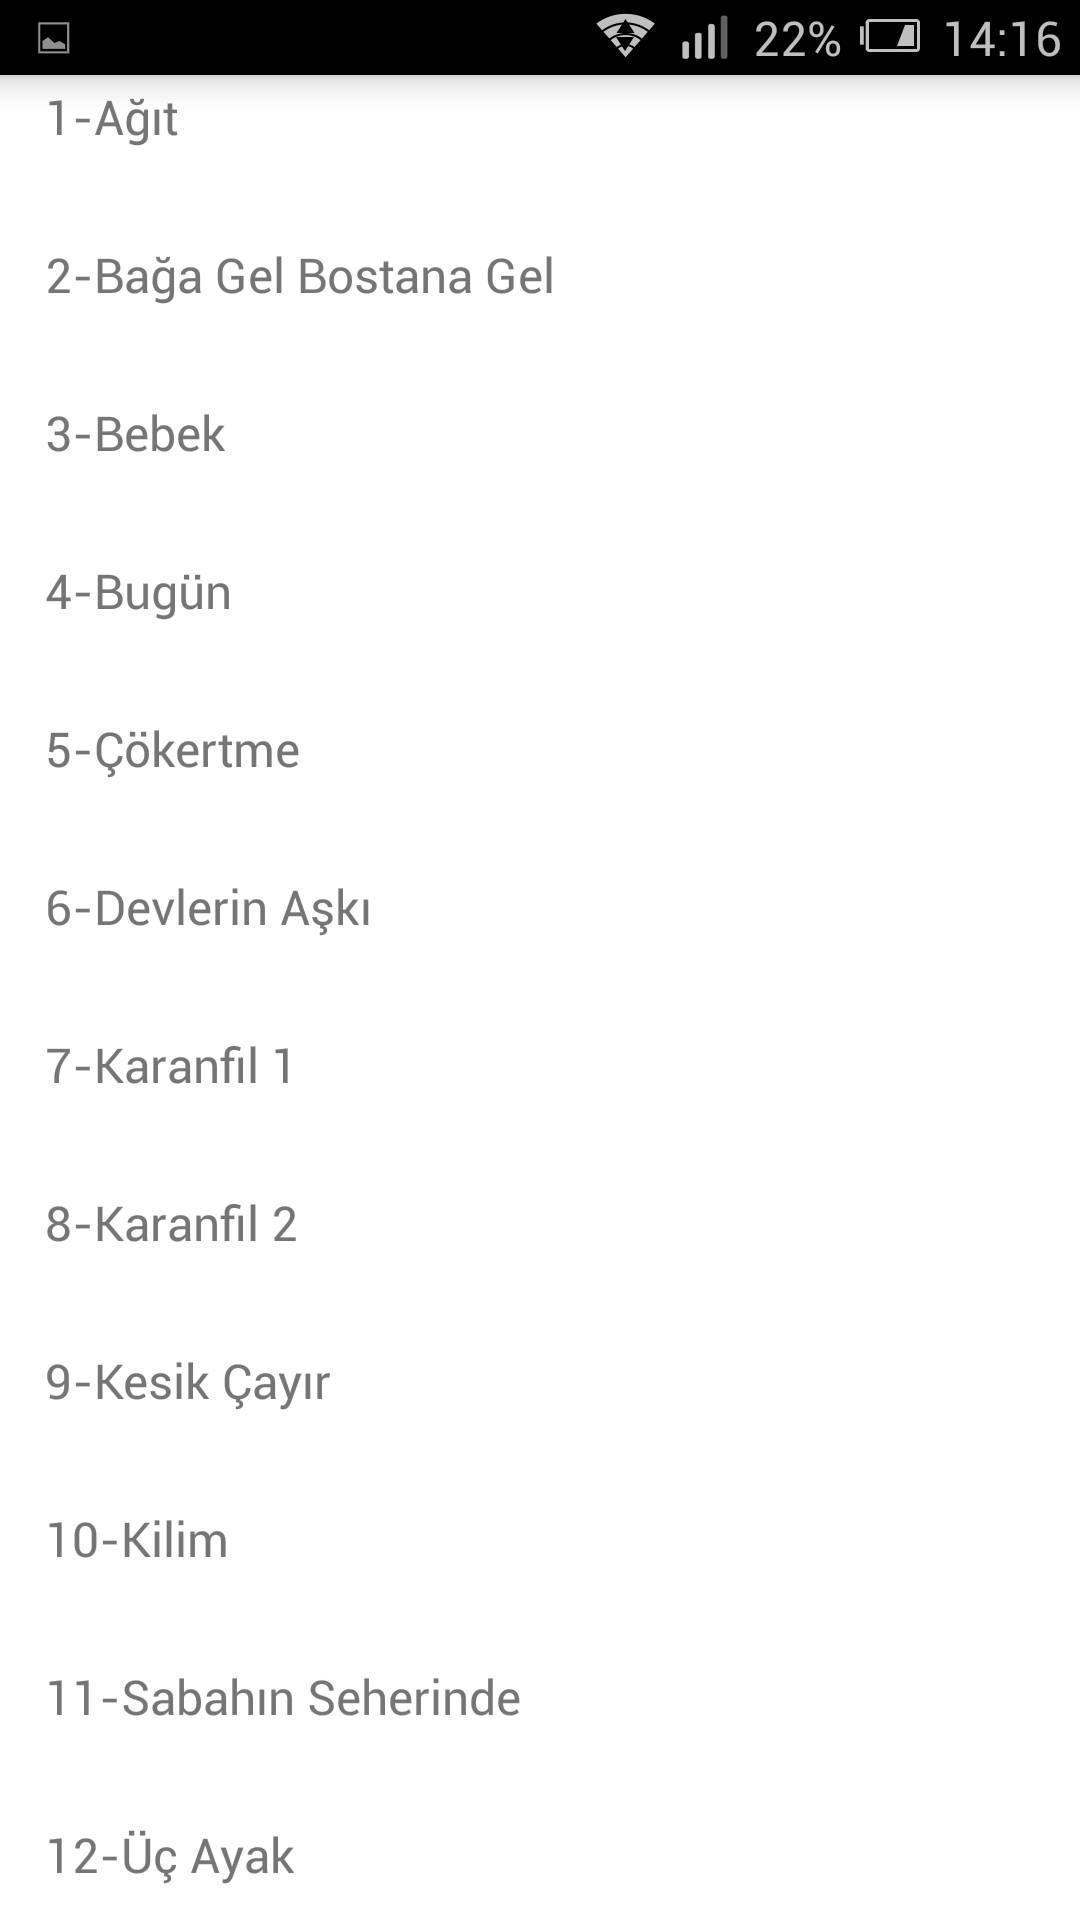 Yedi Karanfil Fon Muzikleri 6 For Android Apk Download